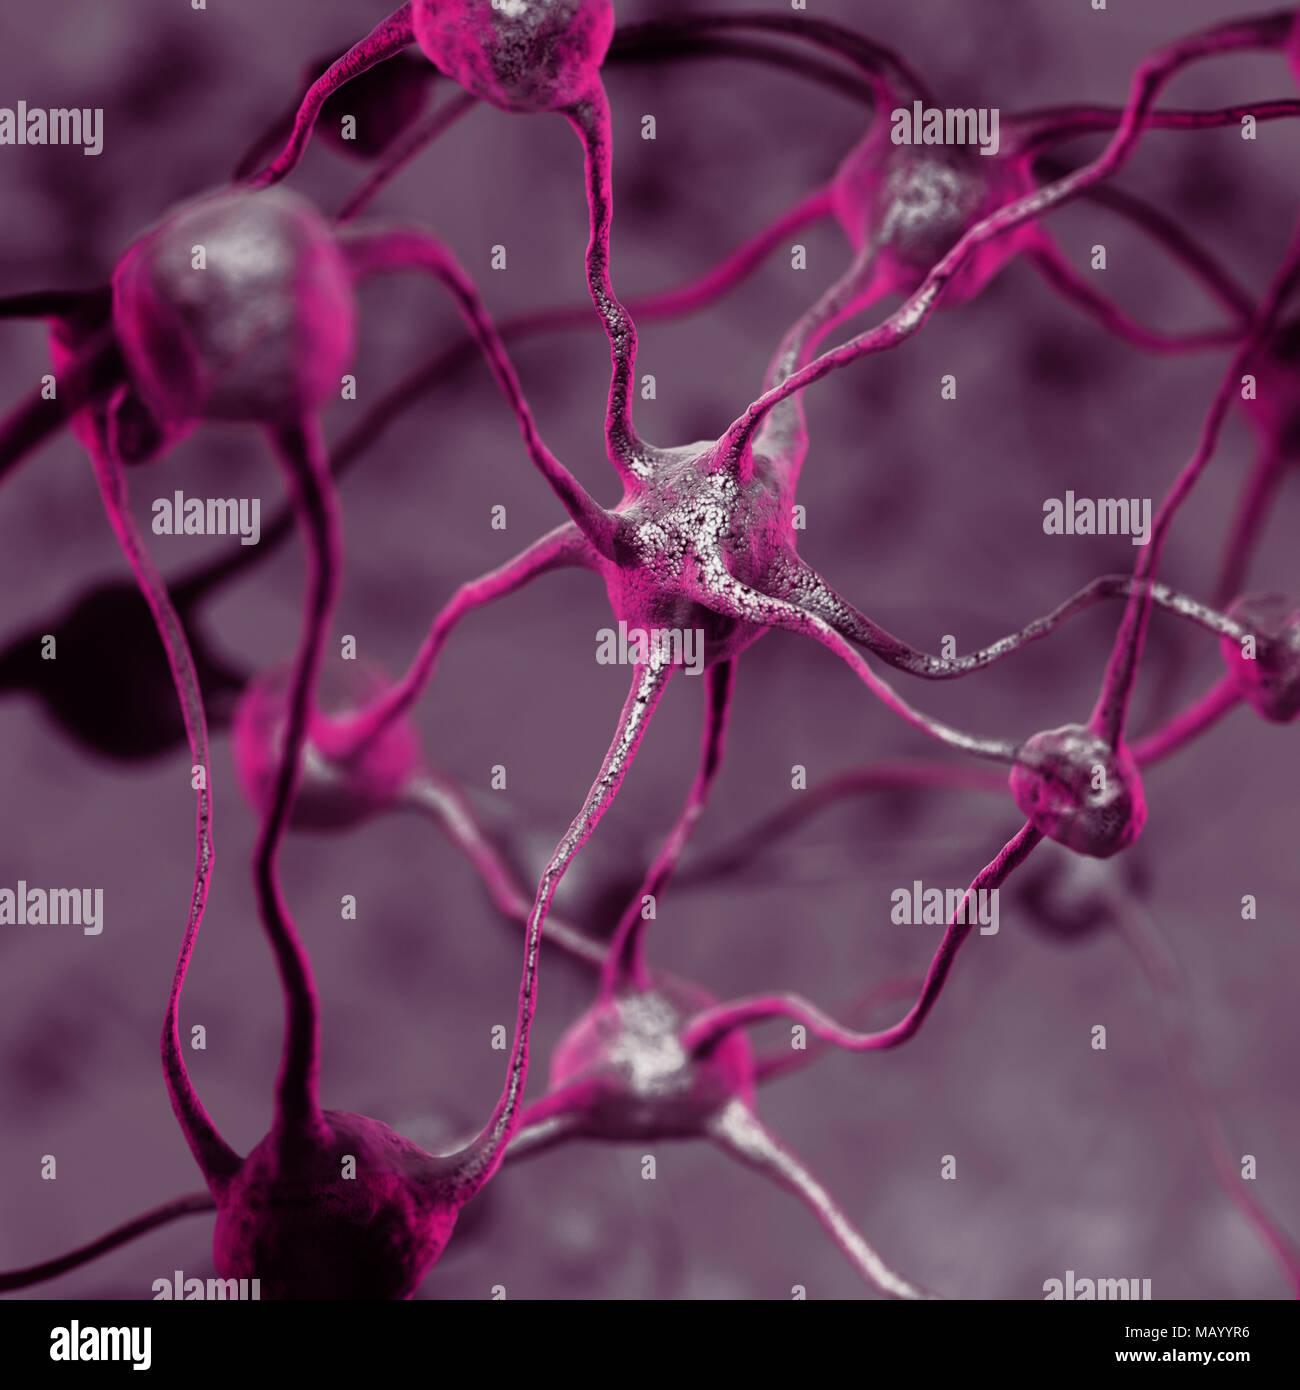 Ilustración 3D de una red neuronal biológica del cerebro humano, las neuronas interconectadas, las células del cerebro y las conexiones, equipo Imagen De Stock